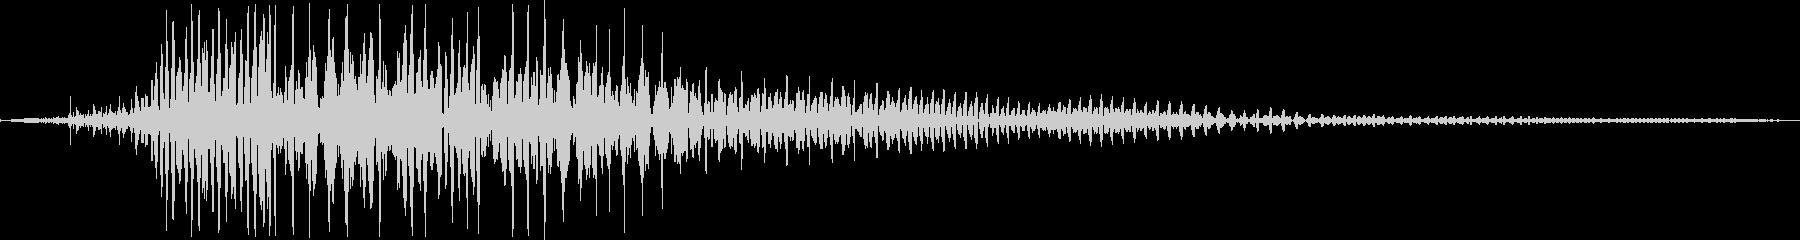 プゥ。おならの音(高め・短め)の未再生の波形